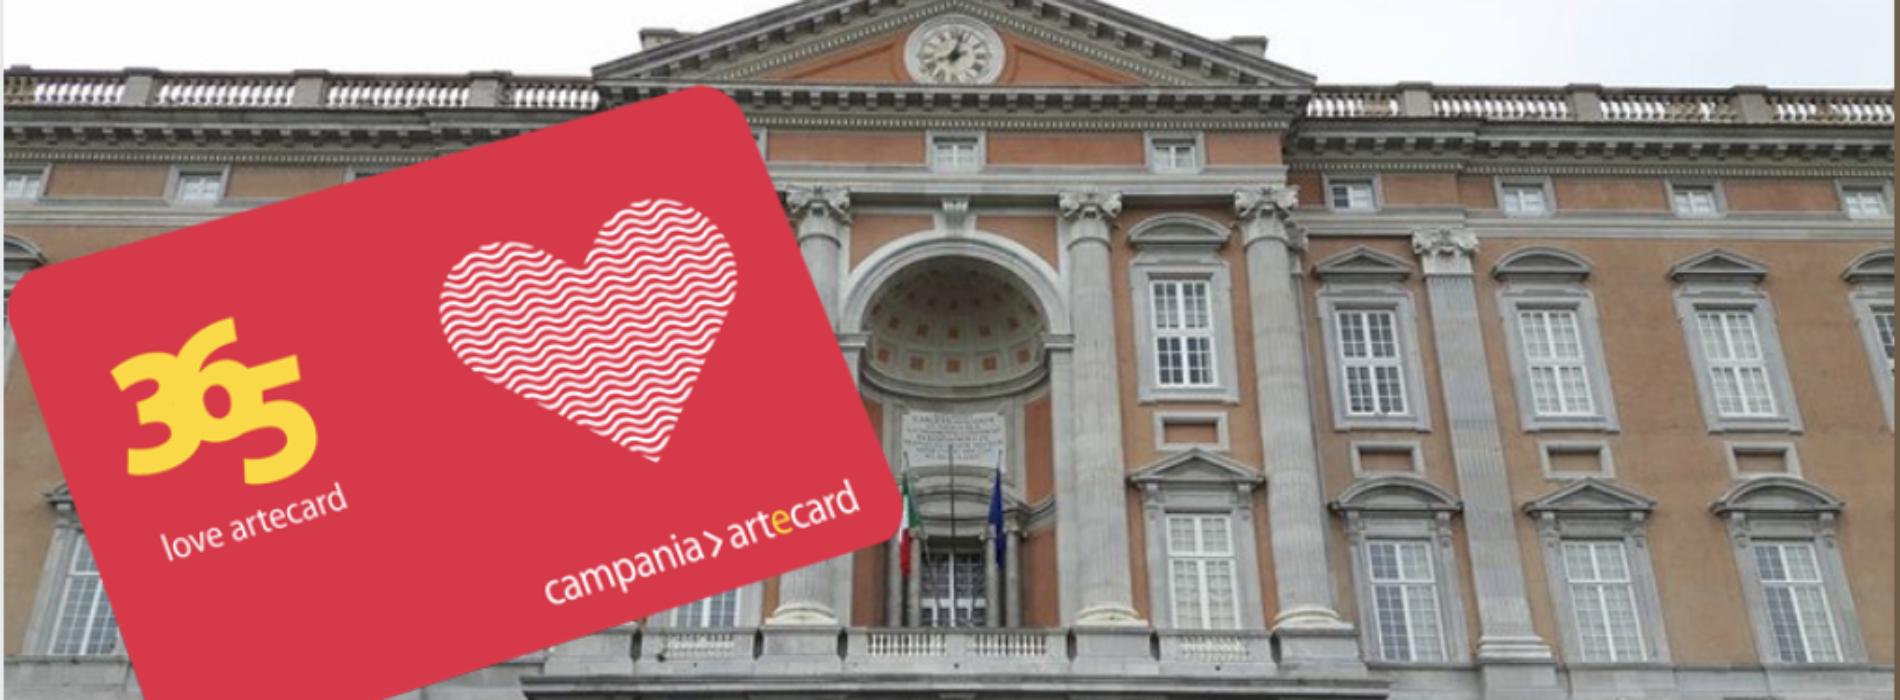 Artecard 365 Love, il pass a prezzo speciale per San Valentino